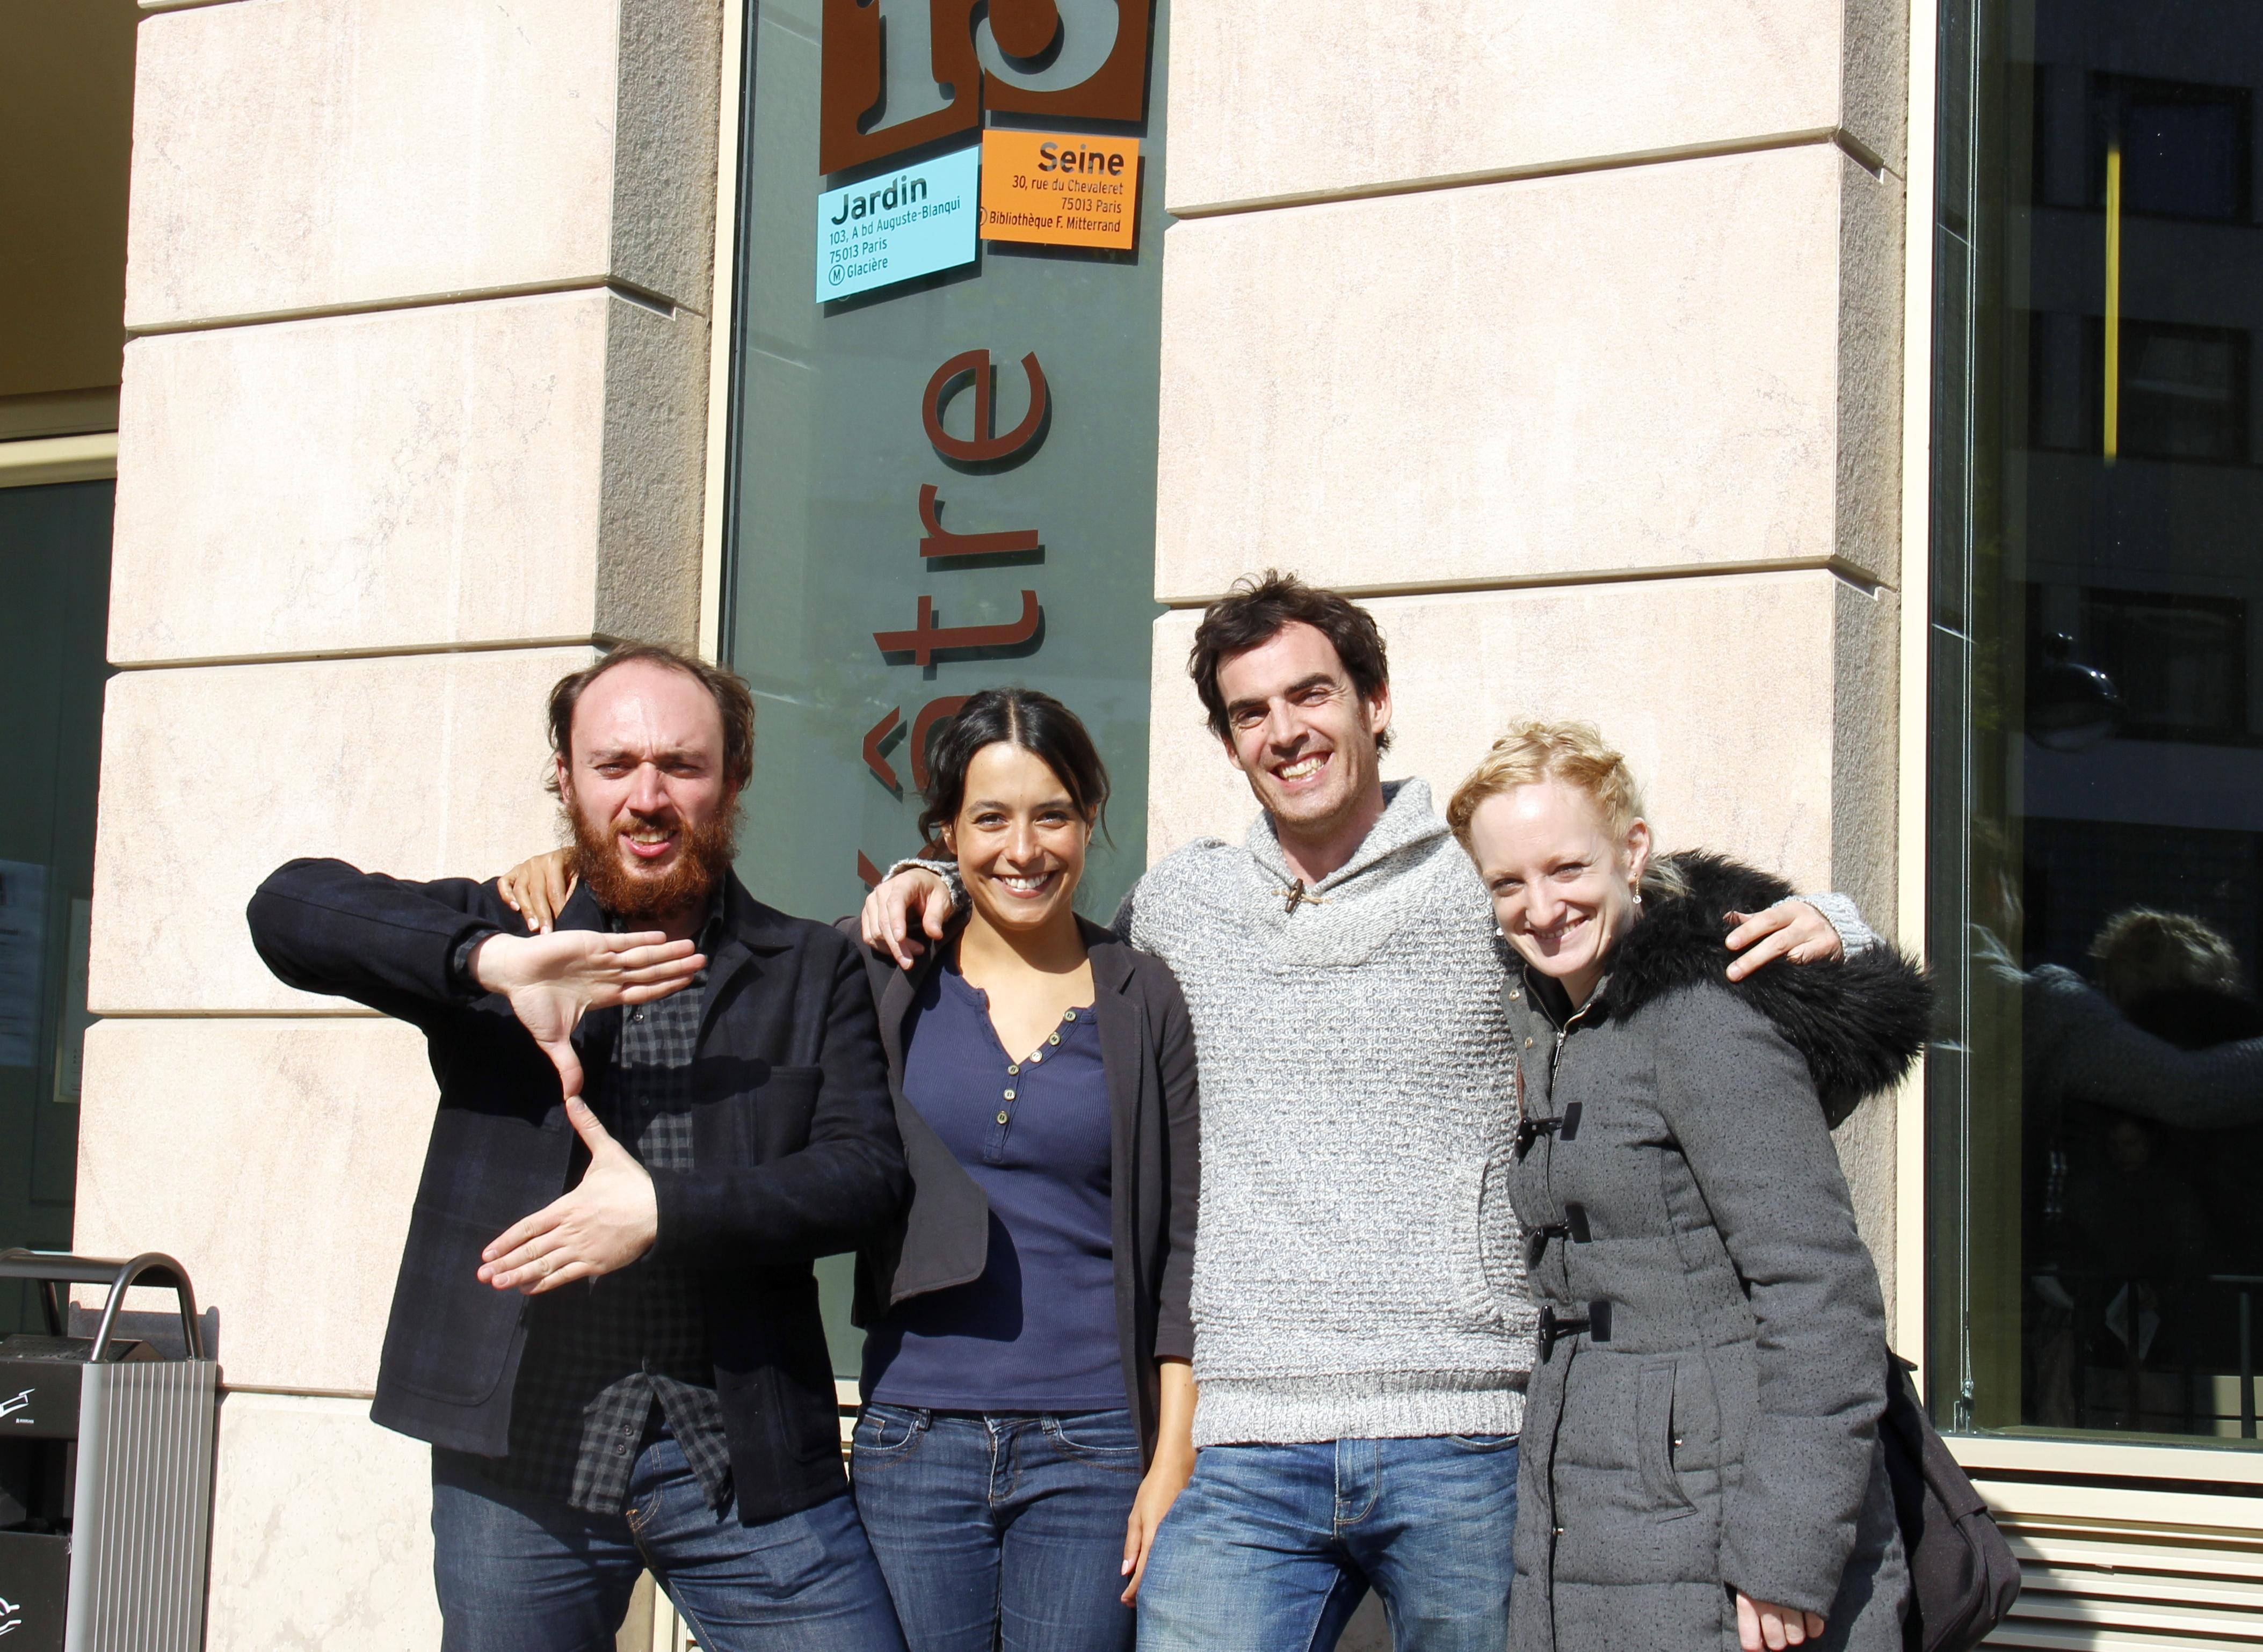 De gauche à droite : Thomas NUCCI, Katia GHANTY, Victorien ROBERT et Aymeline ALIX. Crédits : Pierre Monastier pour Profession Spectacle.